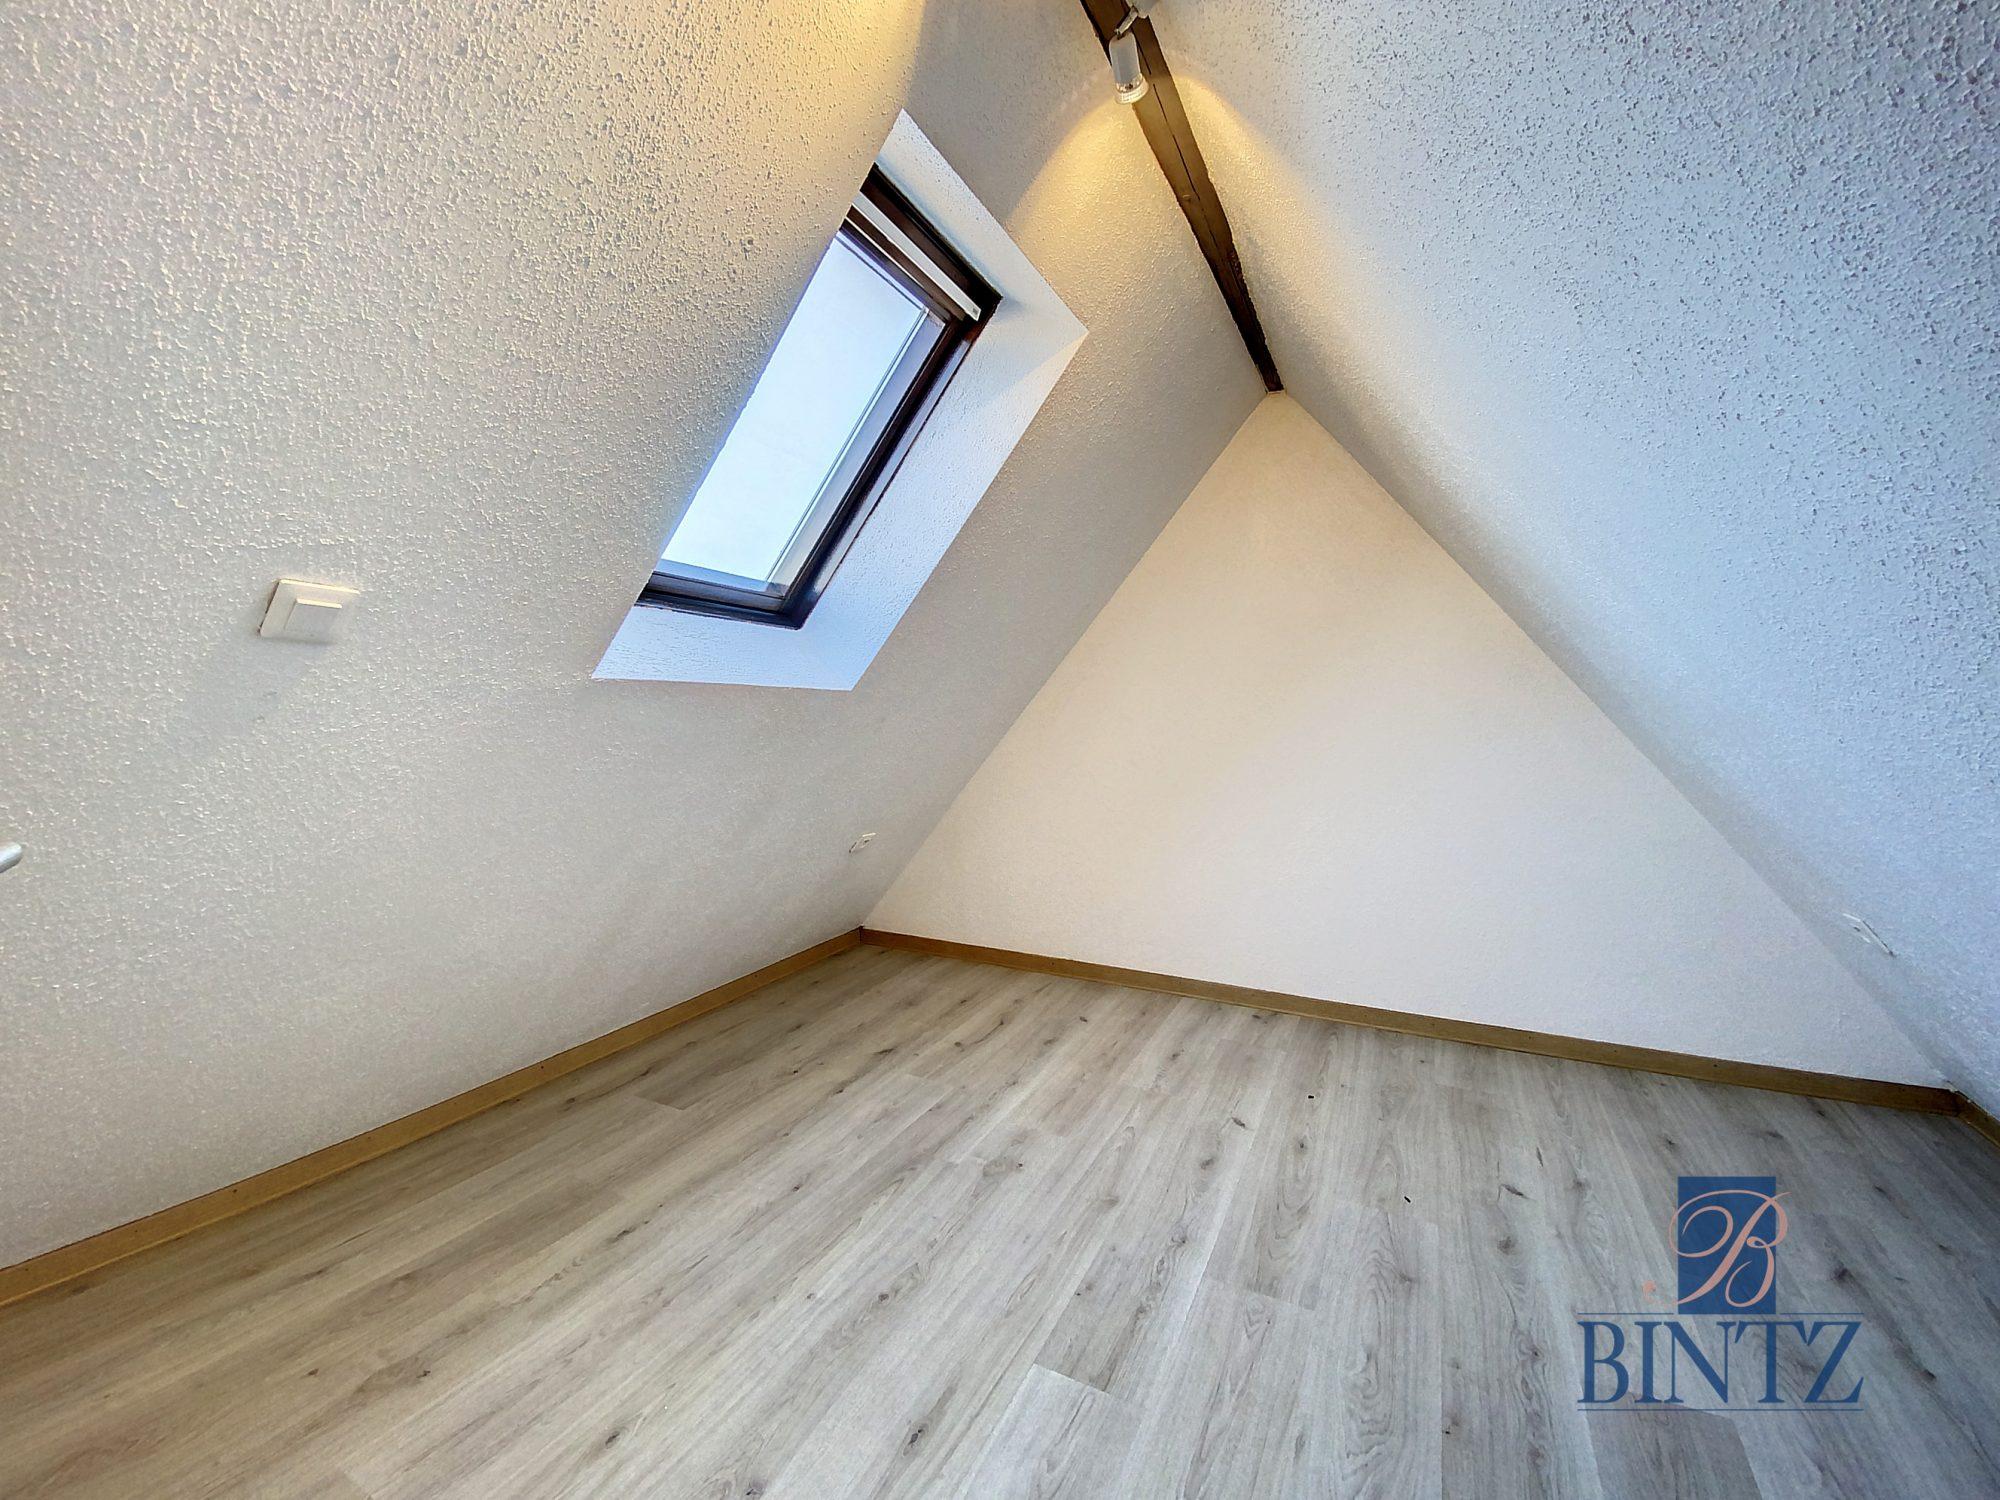 3/4 Pièces Centre-ville ROSHEIM - Devenez locataire en toute sérénité - Bintz Immobilier - 8